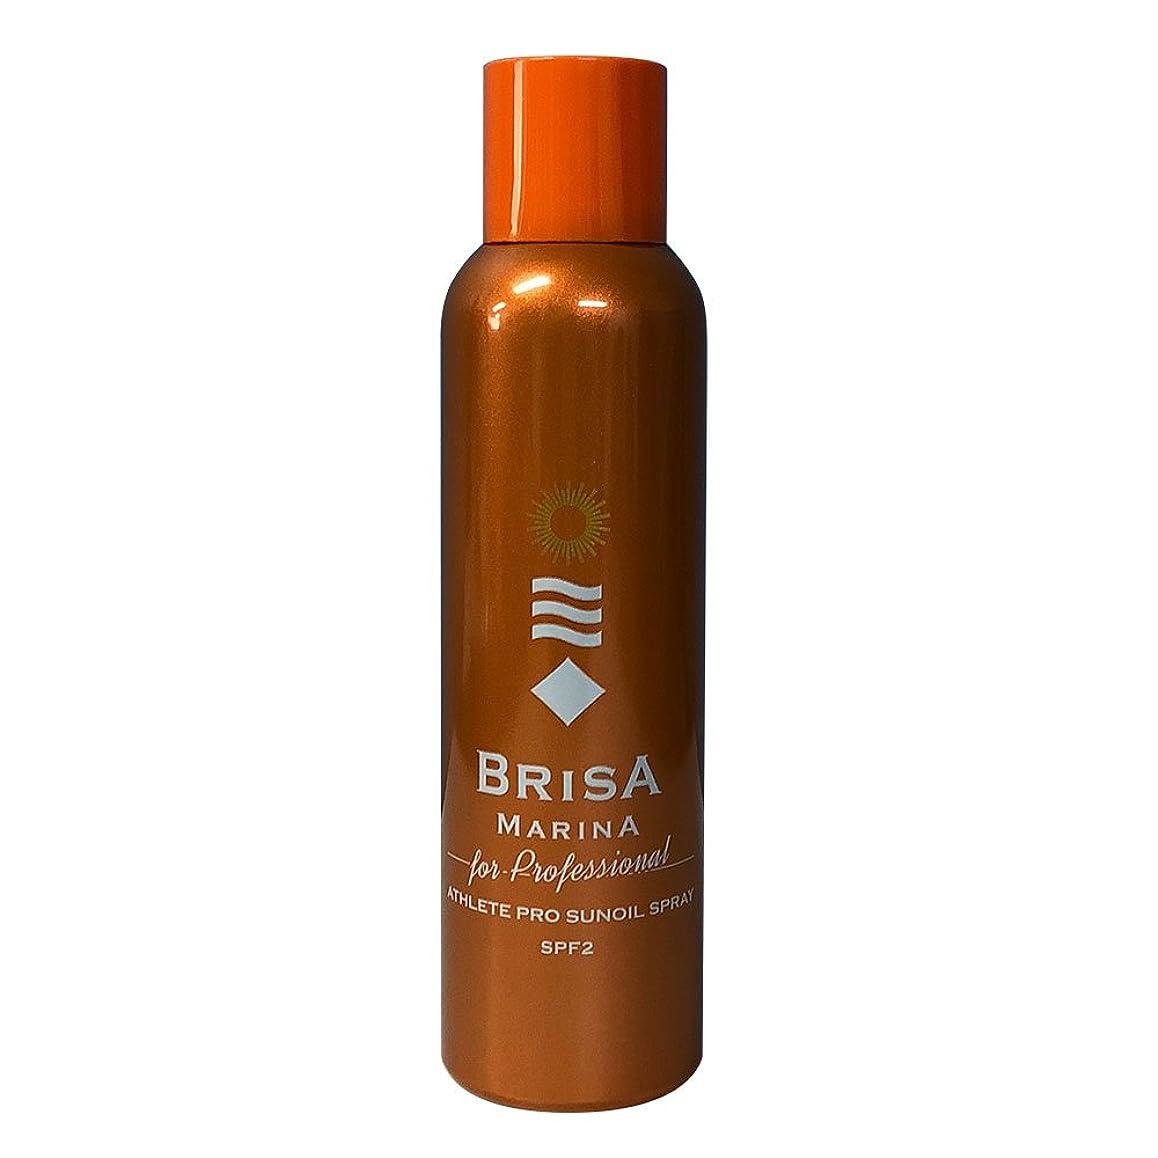 一おんどり箱BRISA MARINA(ブリサ マリーナ) アスリートプロ サンオイルスプレー [SPF2] Professional Edition [アスリートプロ 日焼け用スプレー] Z-0CBM0016610